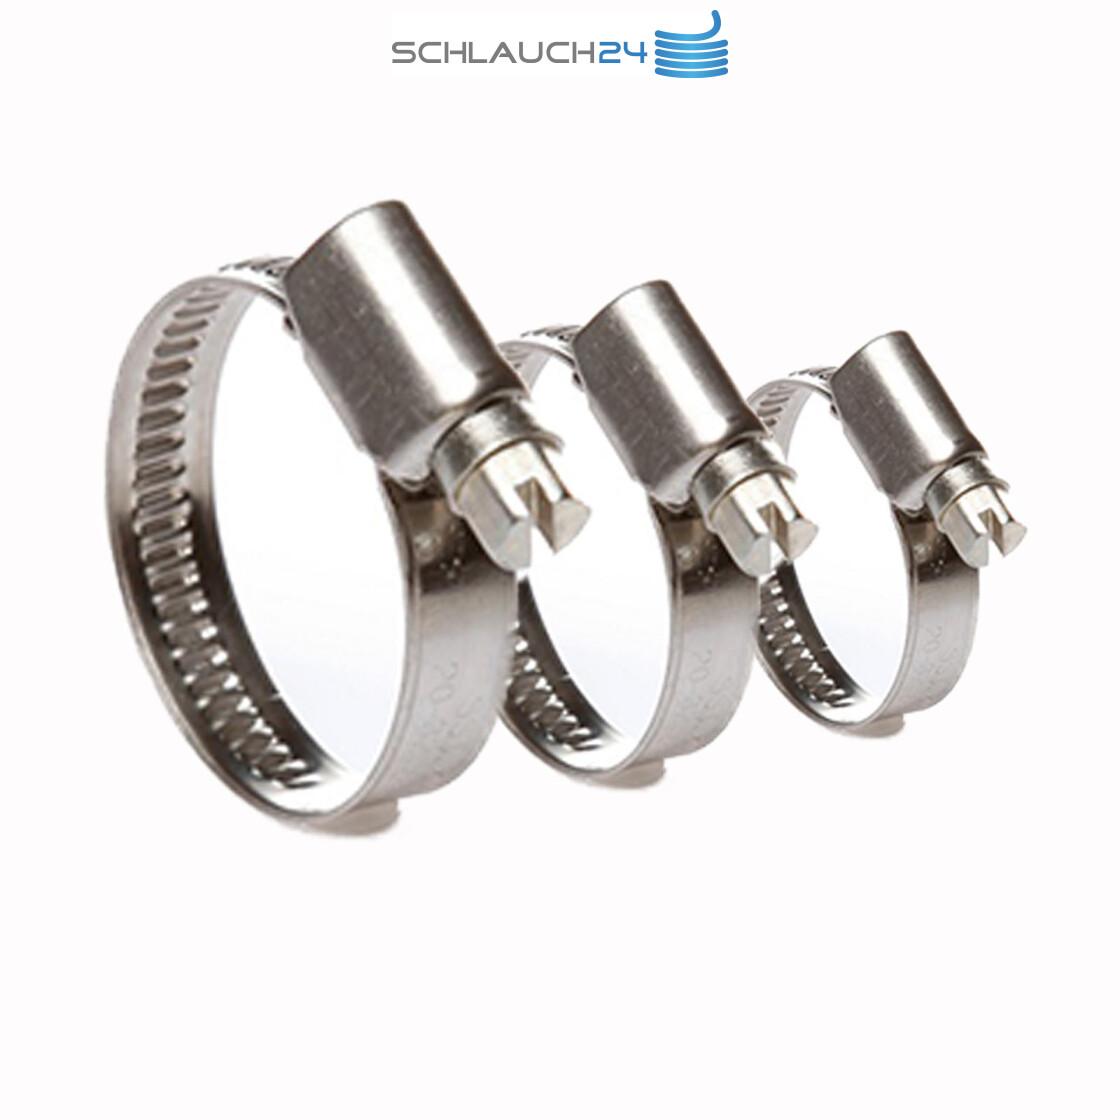 """10 Stück 35-50mm Edelstahl-Schlauchschelle 12mm W4 für 1"""" und 1 1//2"""" Schlauch"""